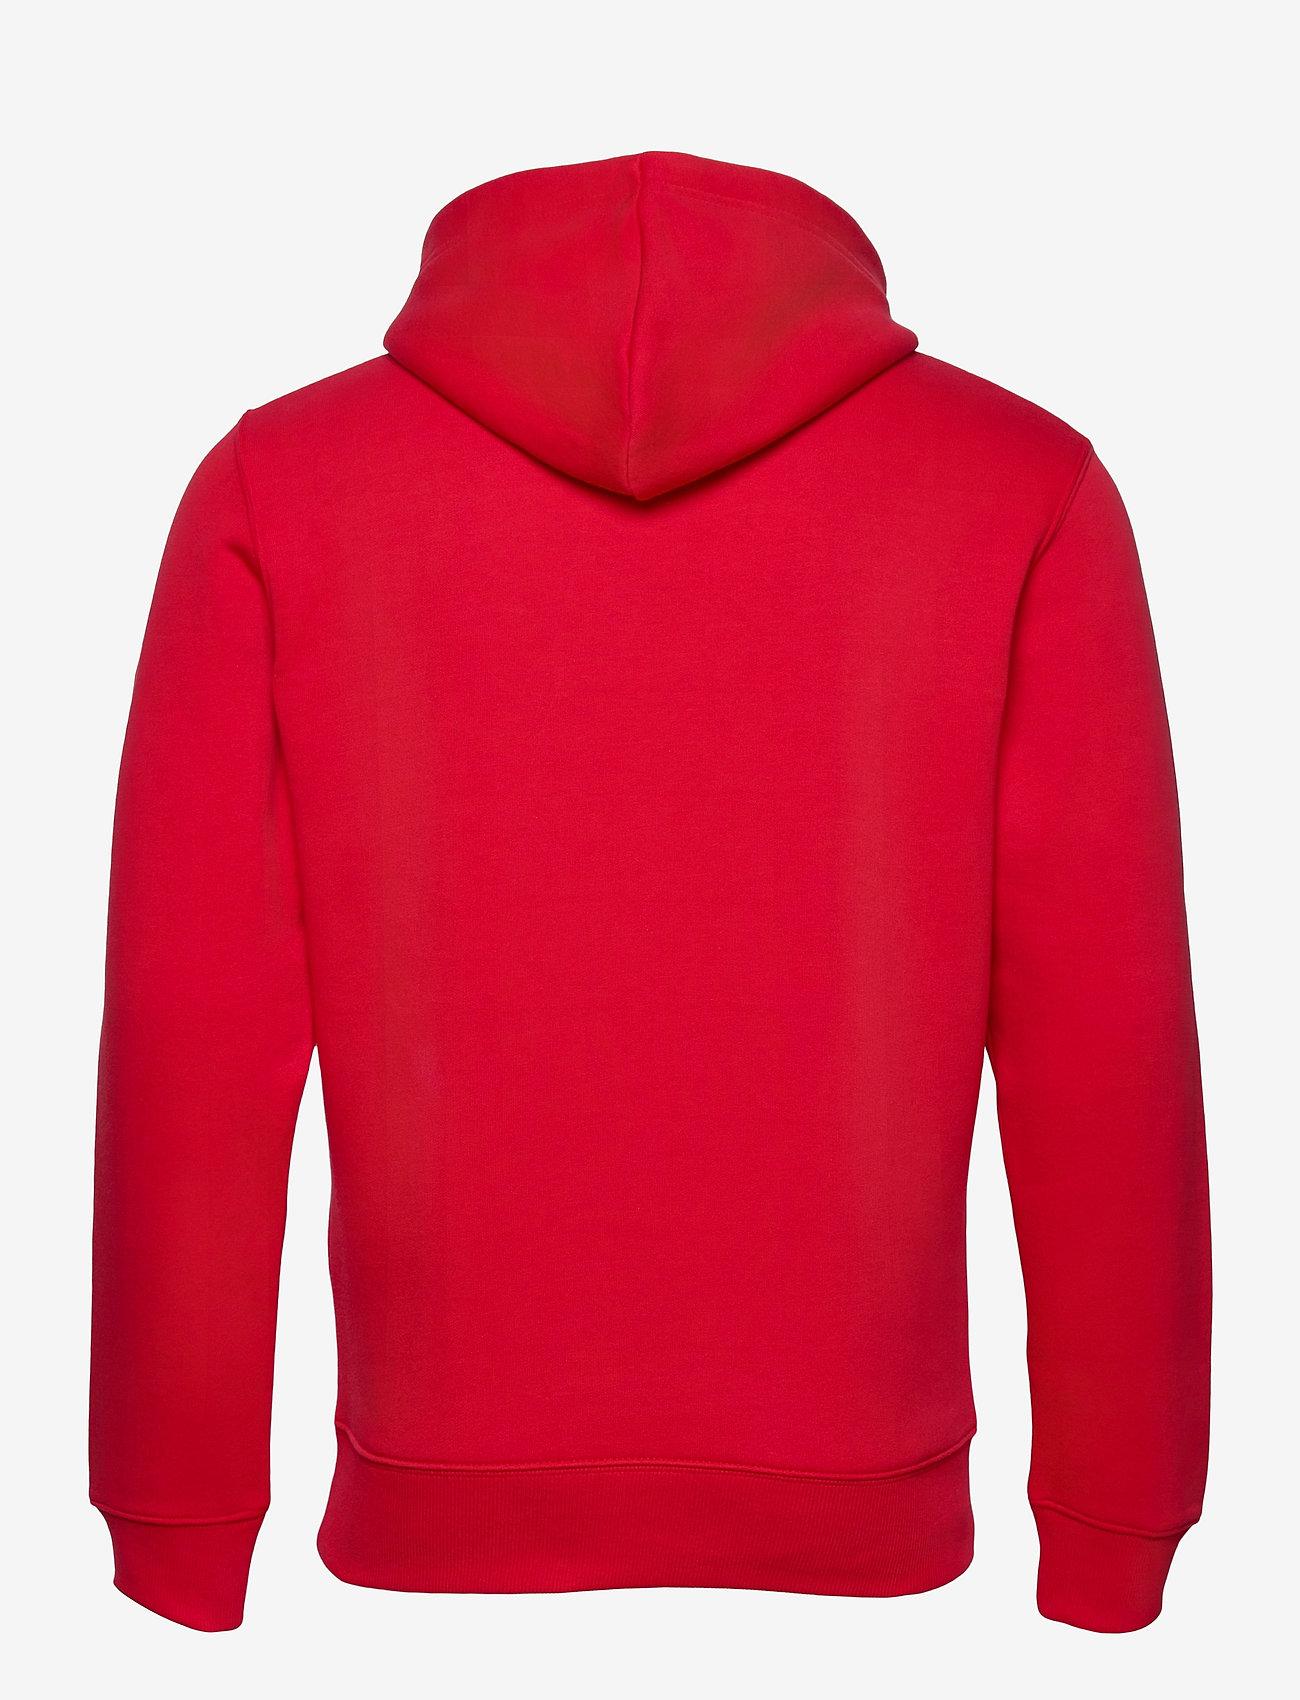 GANT D1. GANT CREST HOODIE - Sweatshirts BRIGHT RED - Menn Klær